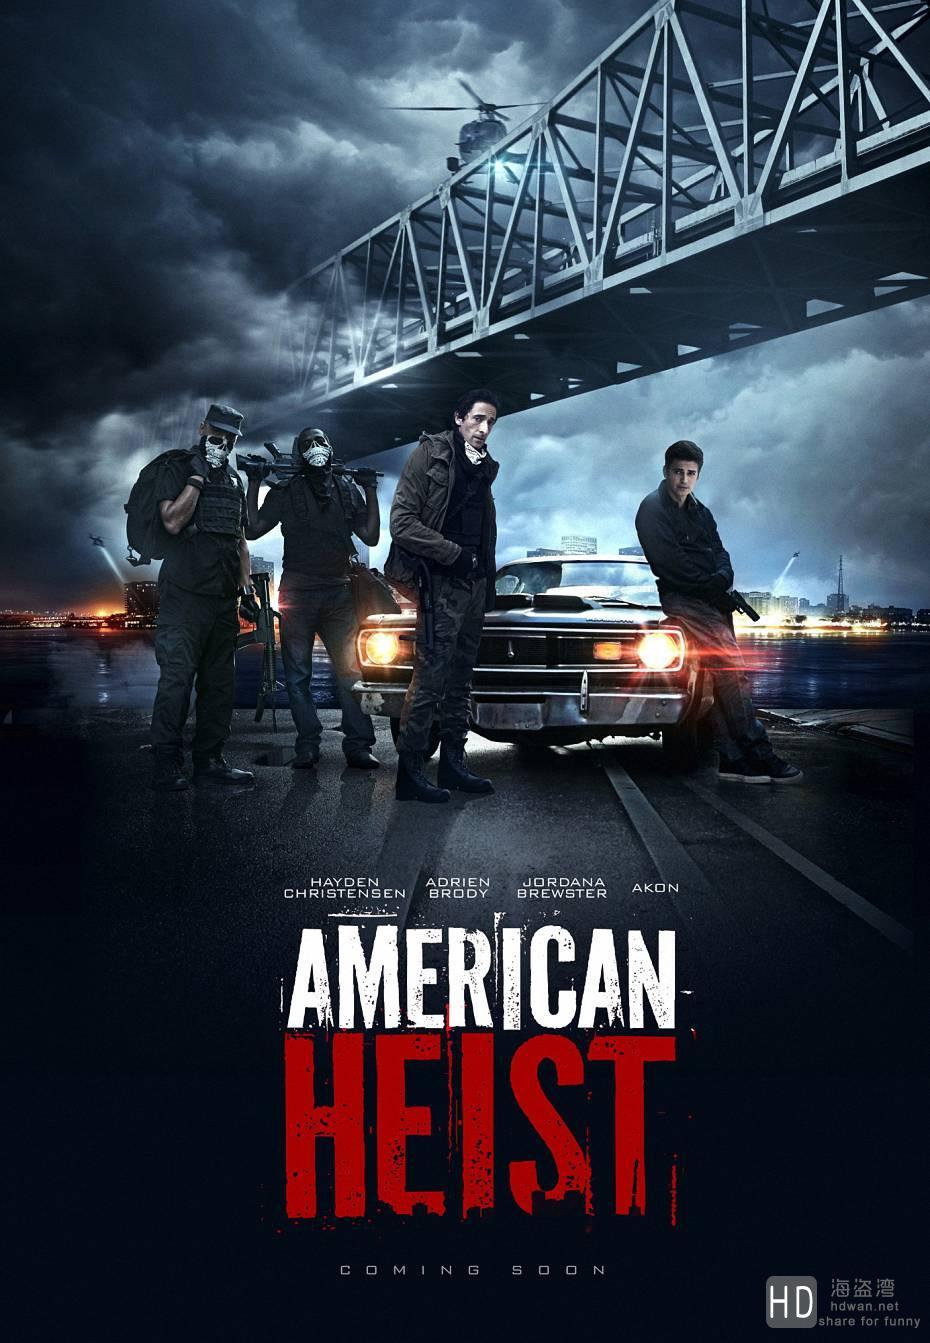 [2014][卢森堡][美国劫案 American Heist][DVD/MKV/BT电影下载][无字幕]